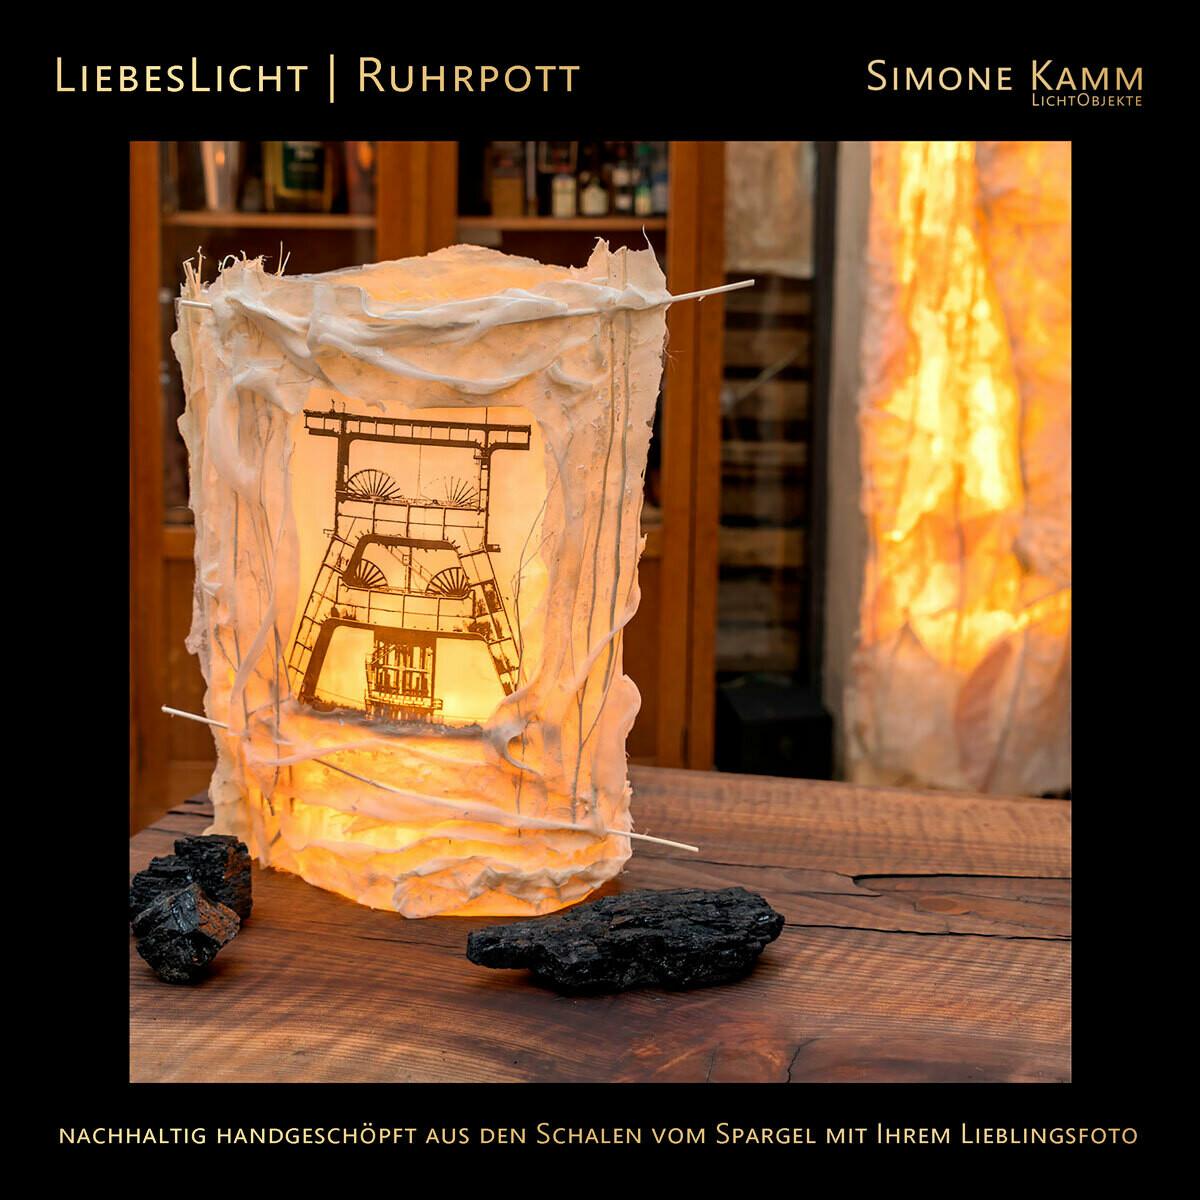 LiebesLicht | RuhrPottLight